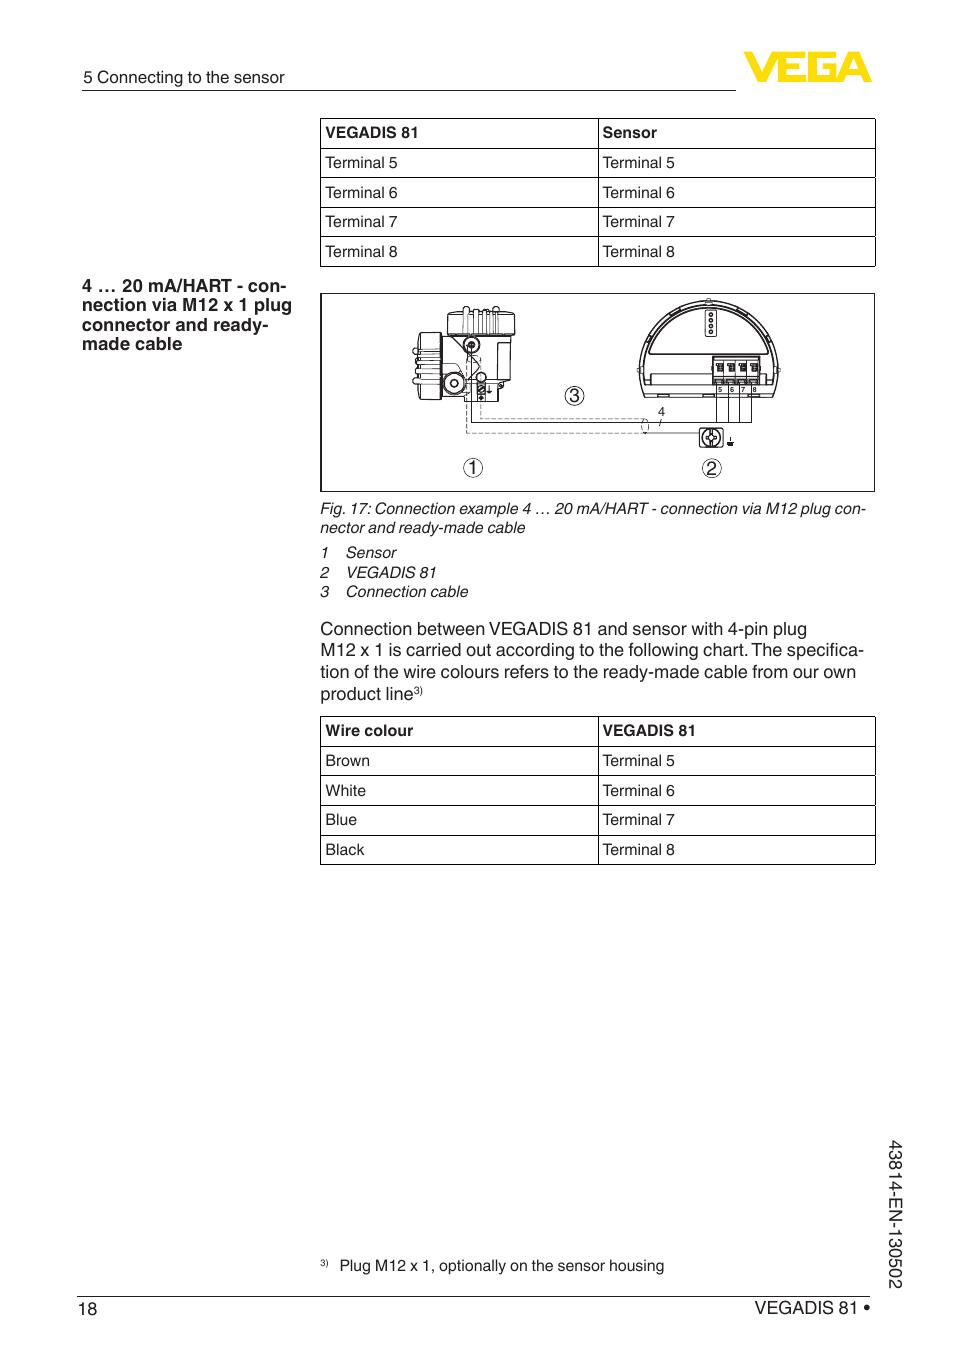 VEGA VEGADIS 81 User Manual | Page 18 / 32